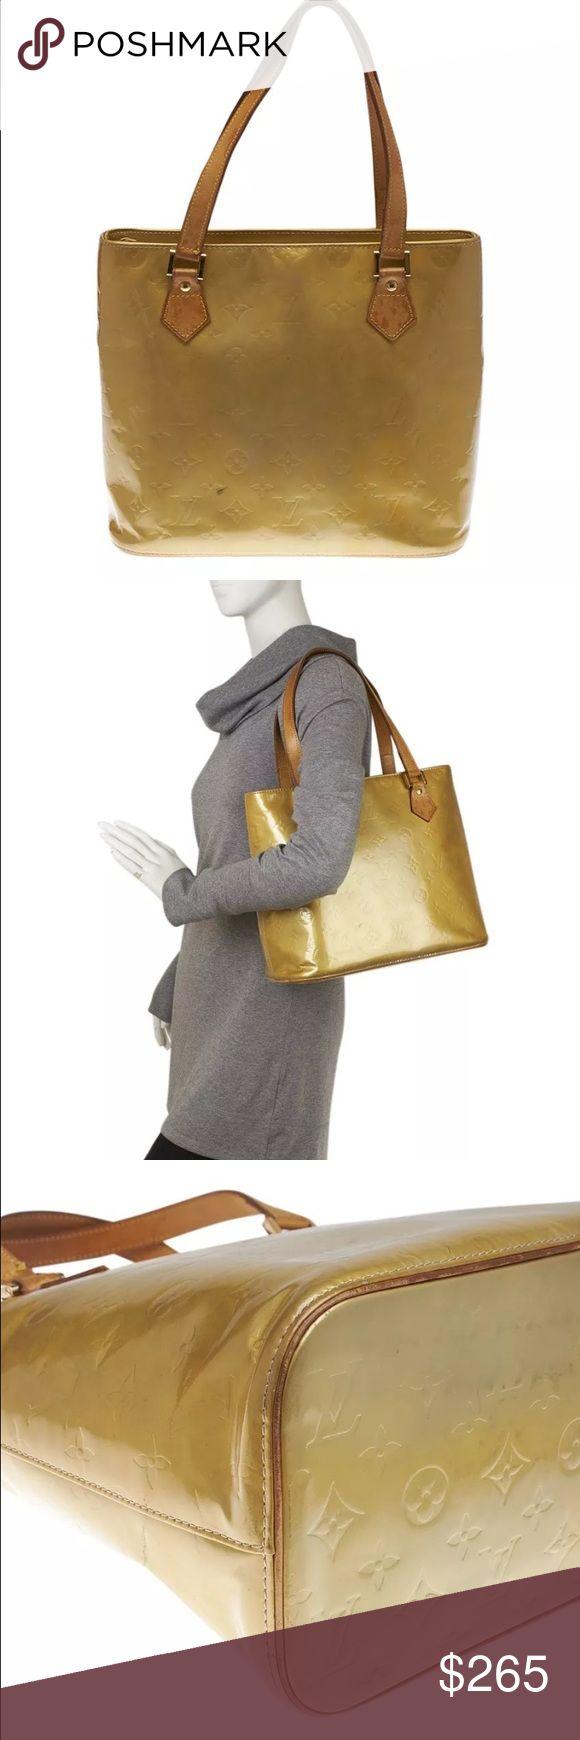 Louis Vuitton vernis tote Authentic Louis Vuitton shoulder bag in good condition Louis Vuitton Bags Shoulder Bags